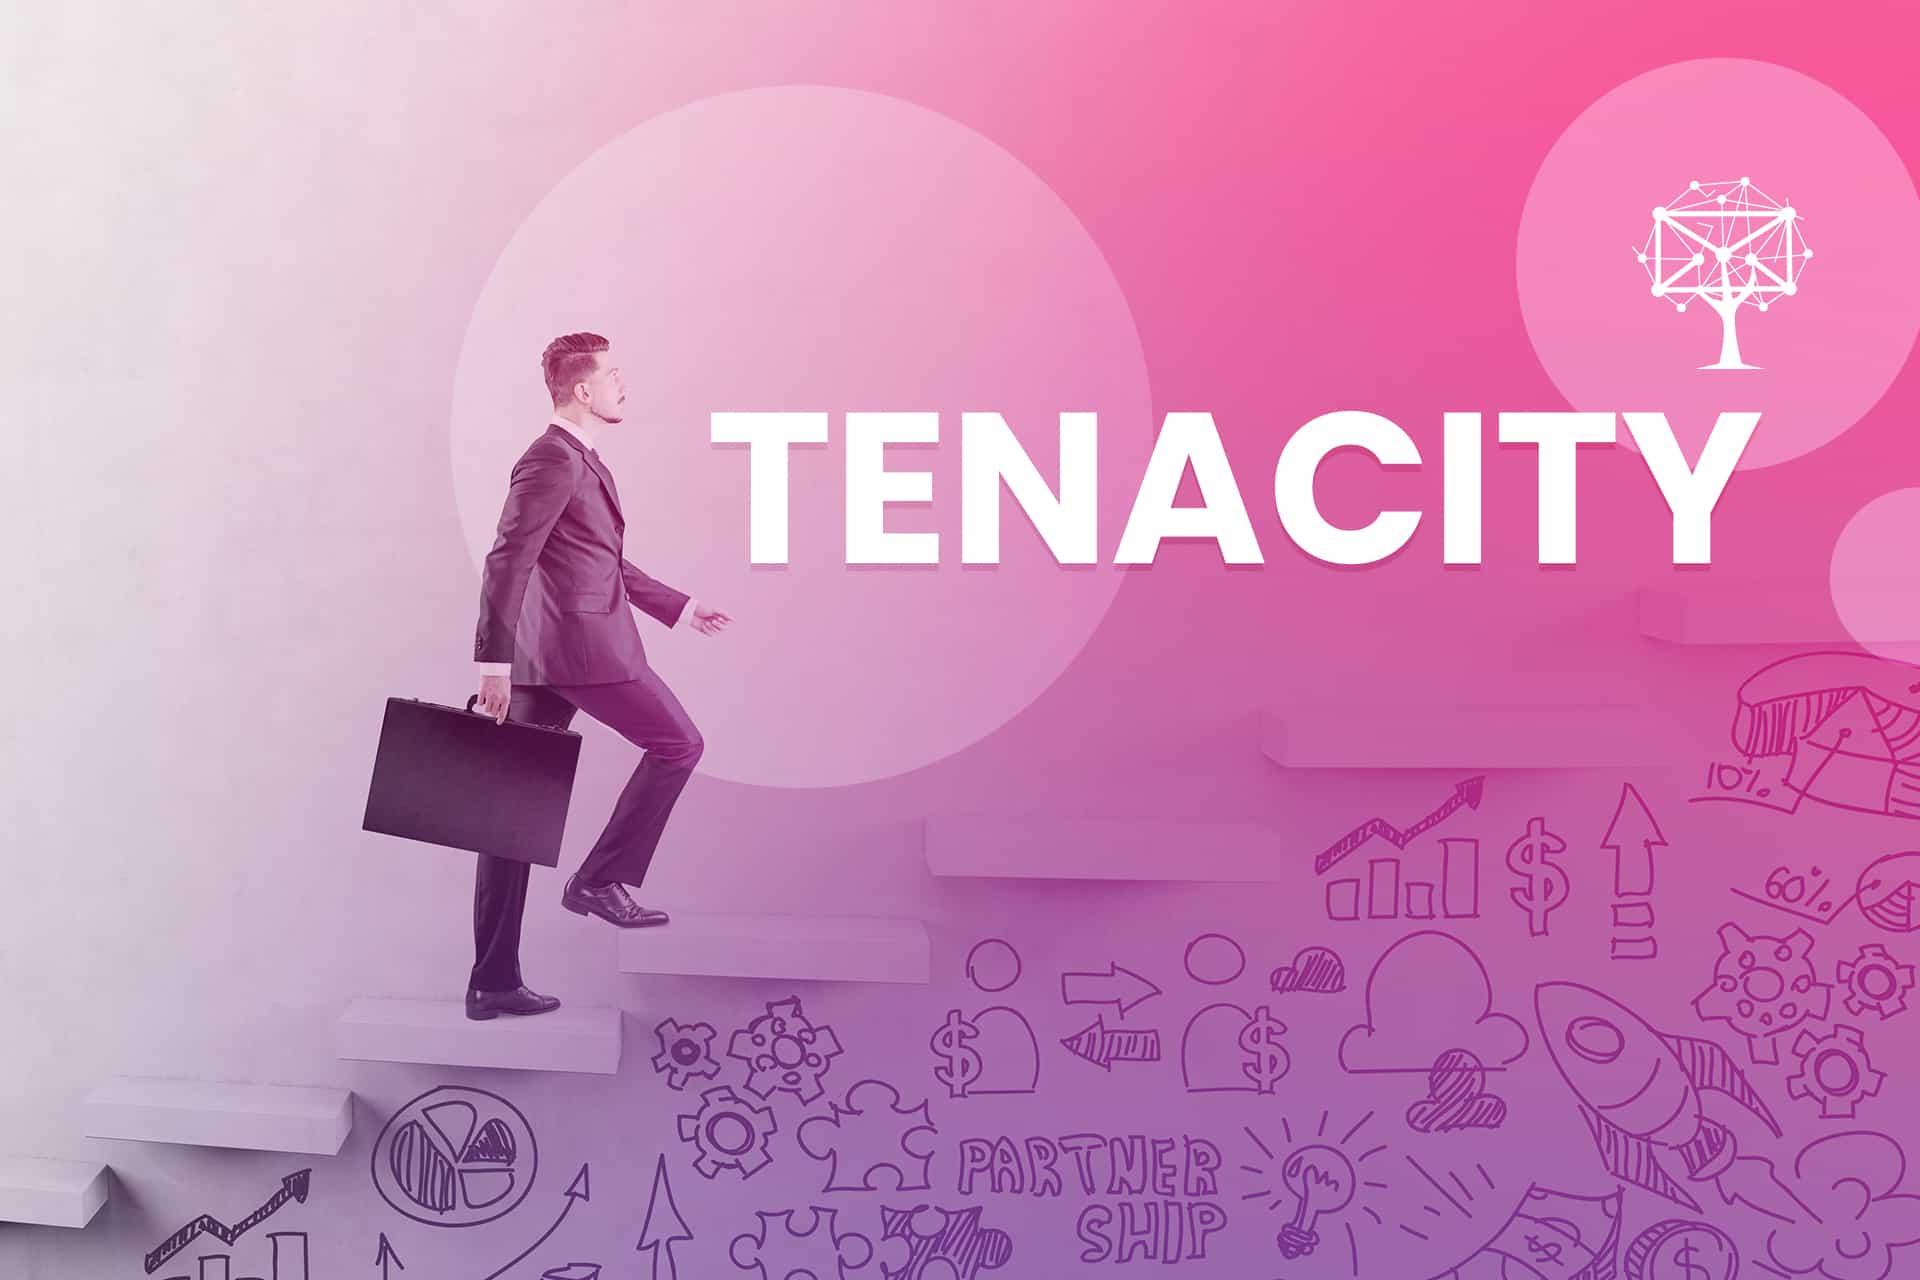 Tenacity is a customer service skill